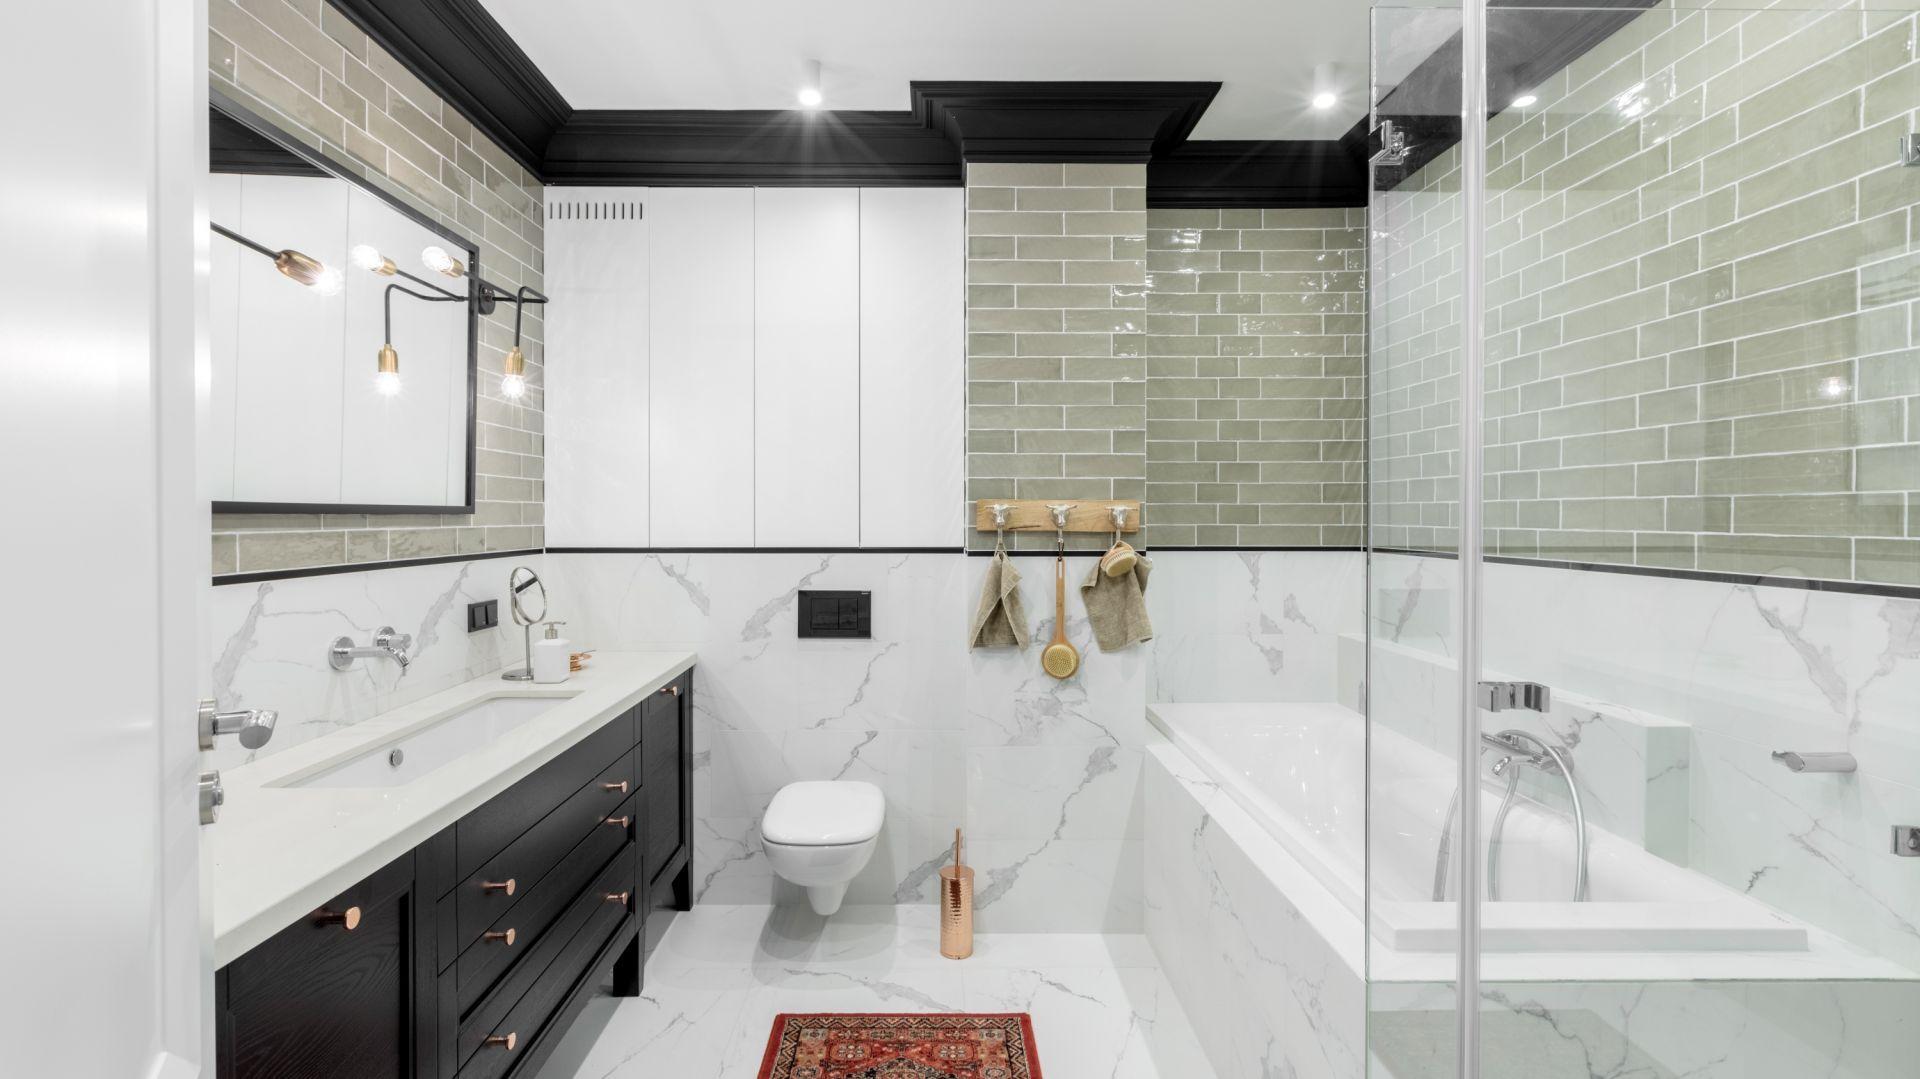 Dobrym rozwiązaniem w łazience może być wanna z parawanem nawannowym, która może też spełniać funkcję prysznica. Projekt Finchstudio. Fot. Aleksandra Dermont Ayuko Studio